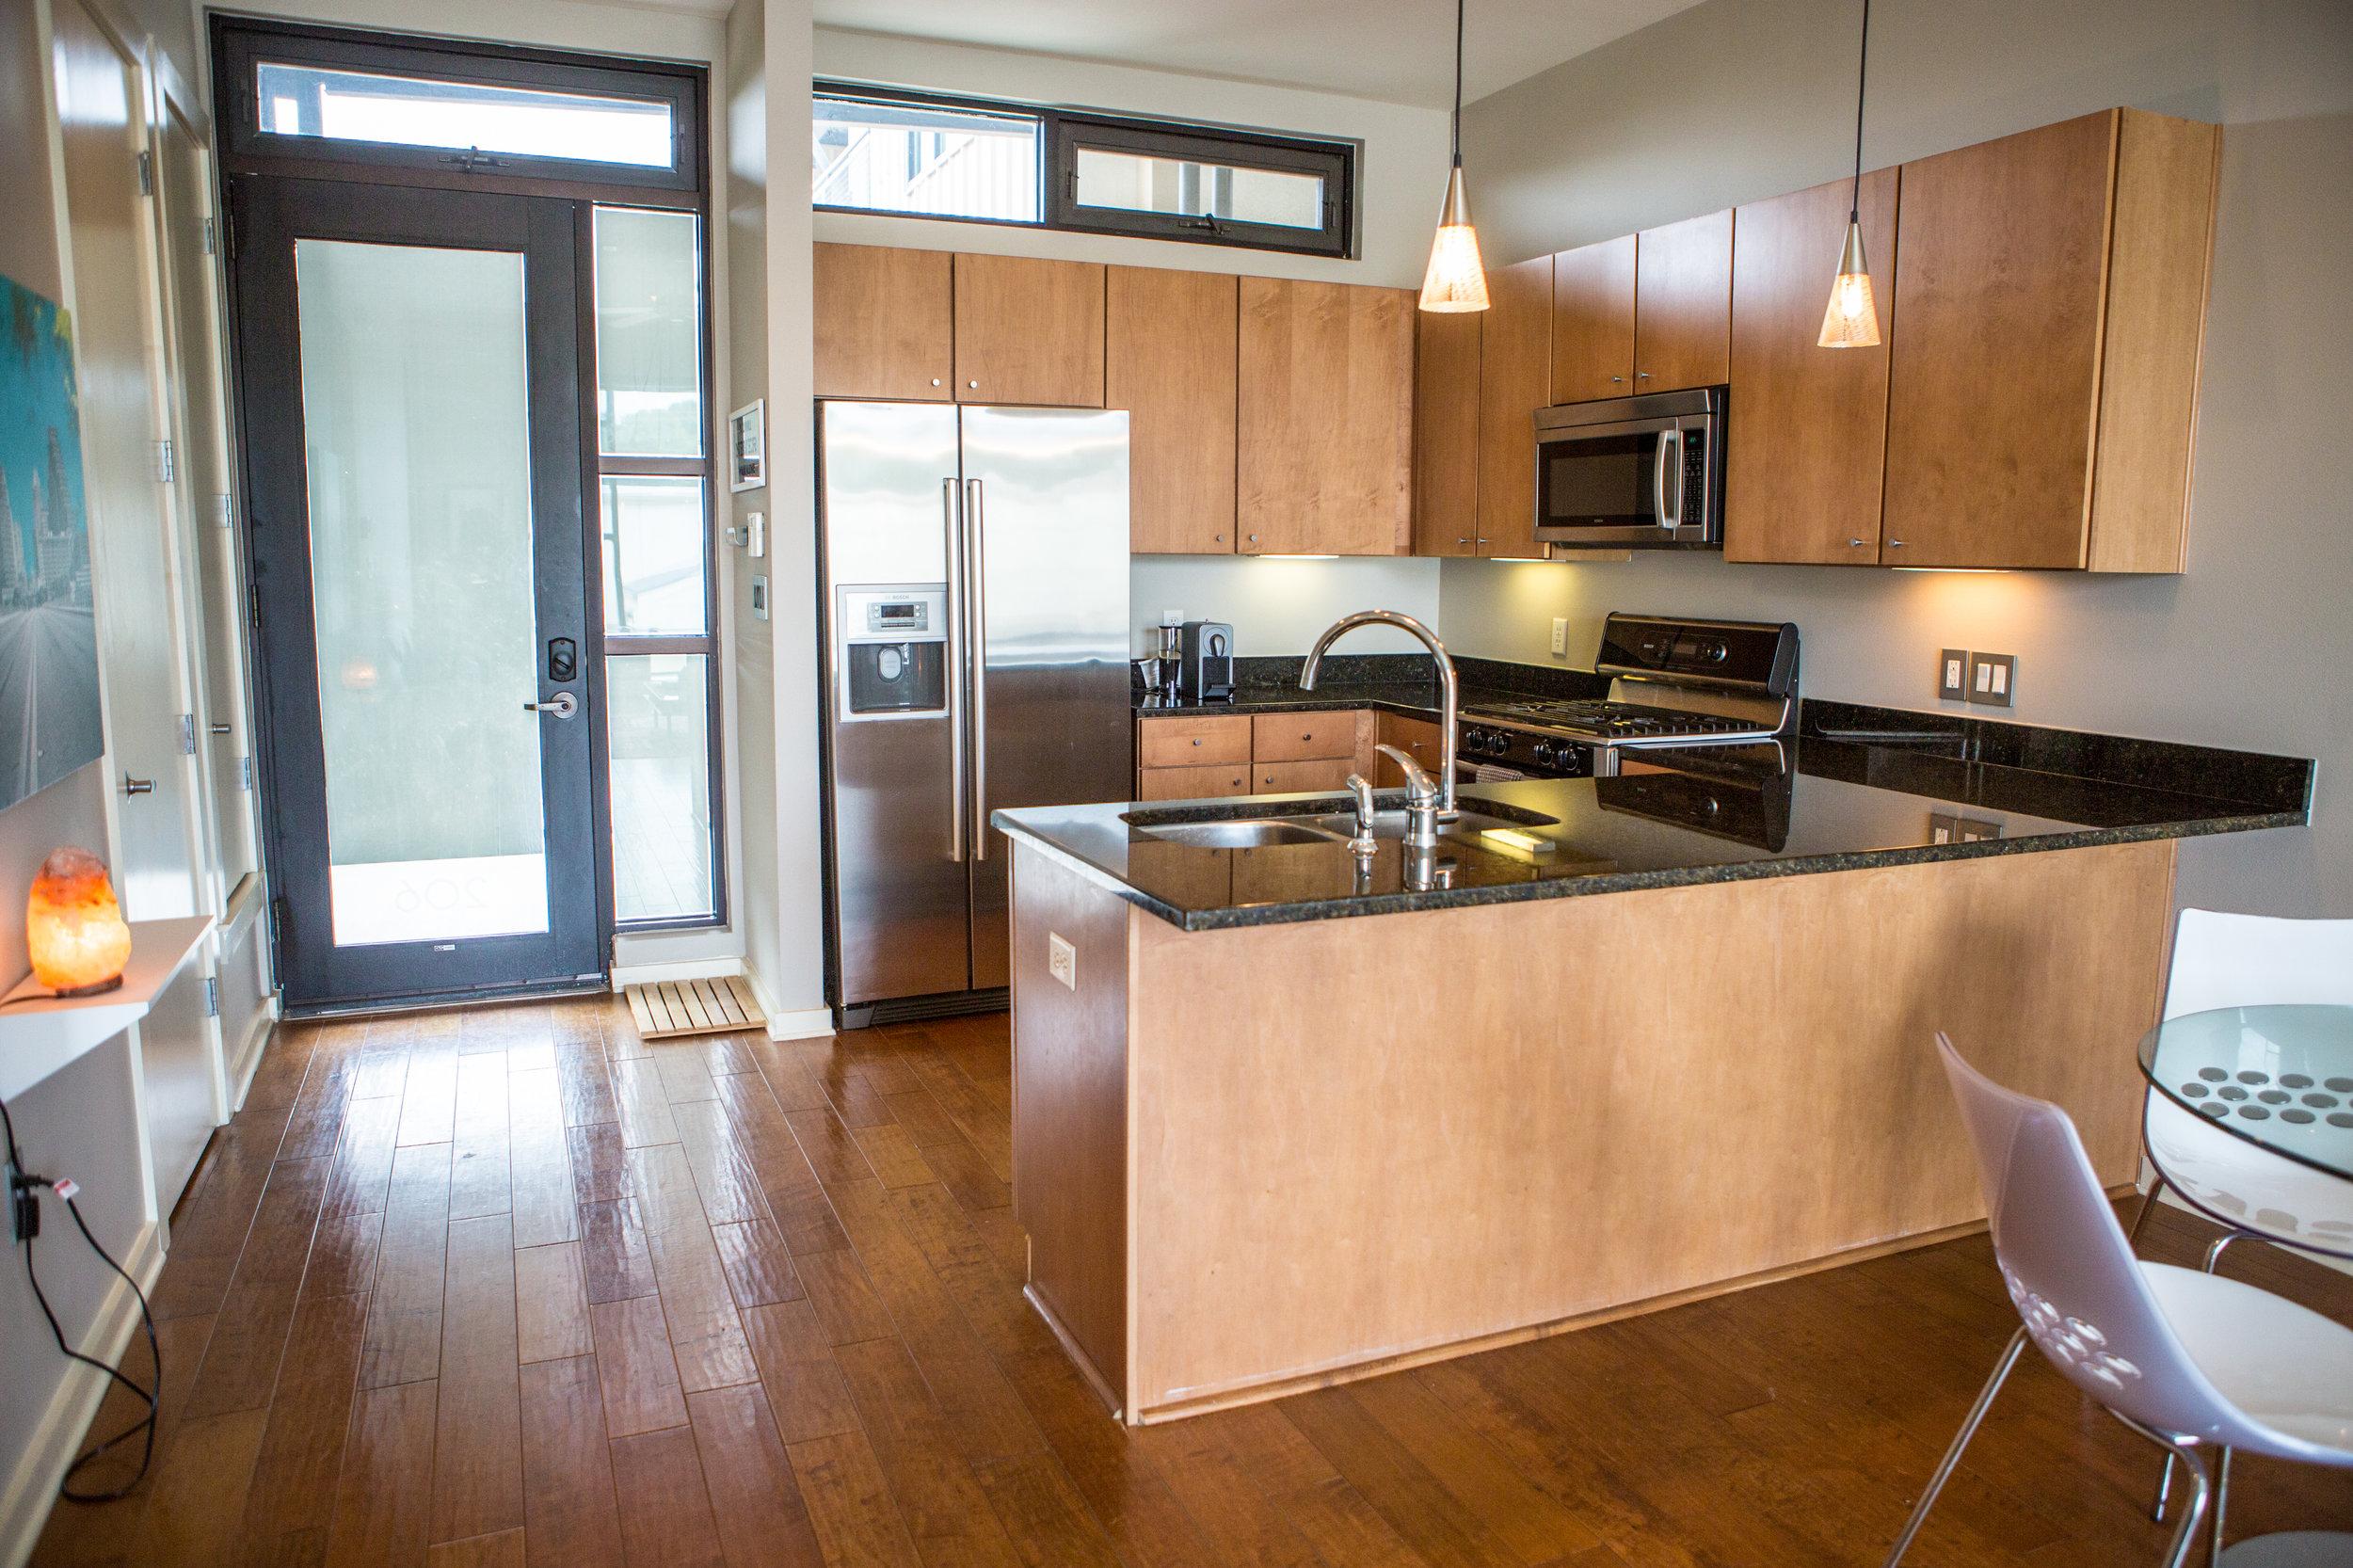 2525SLamar-WEB_45 - kitchen.jpg